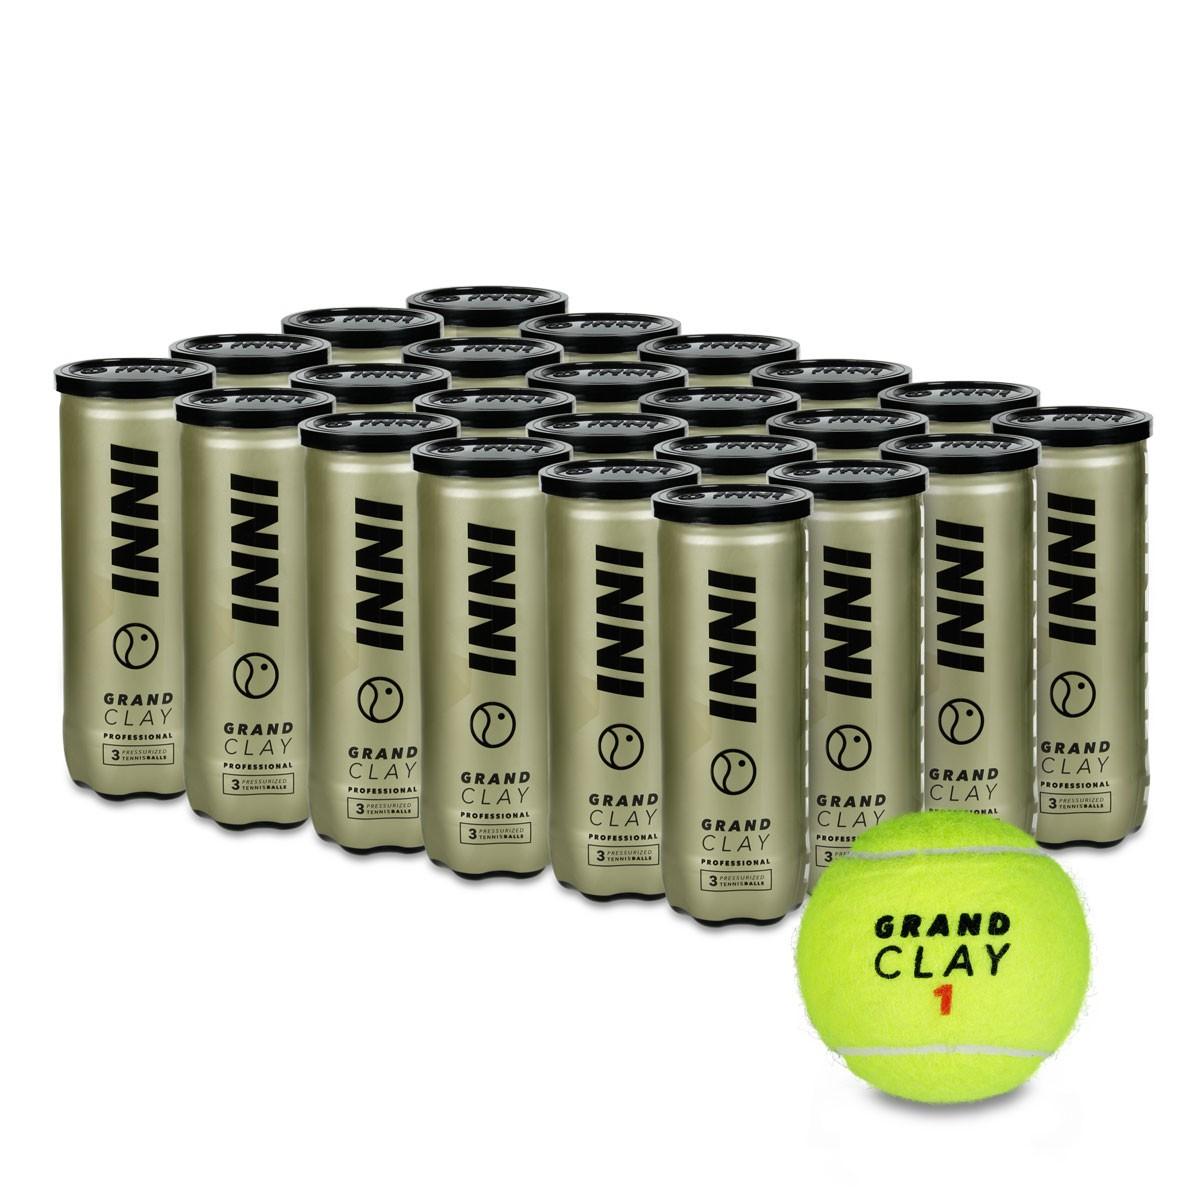 Bola de Tênis Inni Grand Clay - Caixa Com 24 Tubos